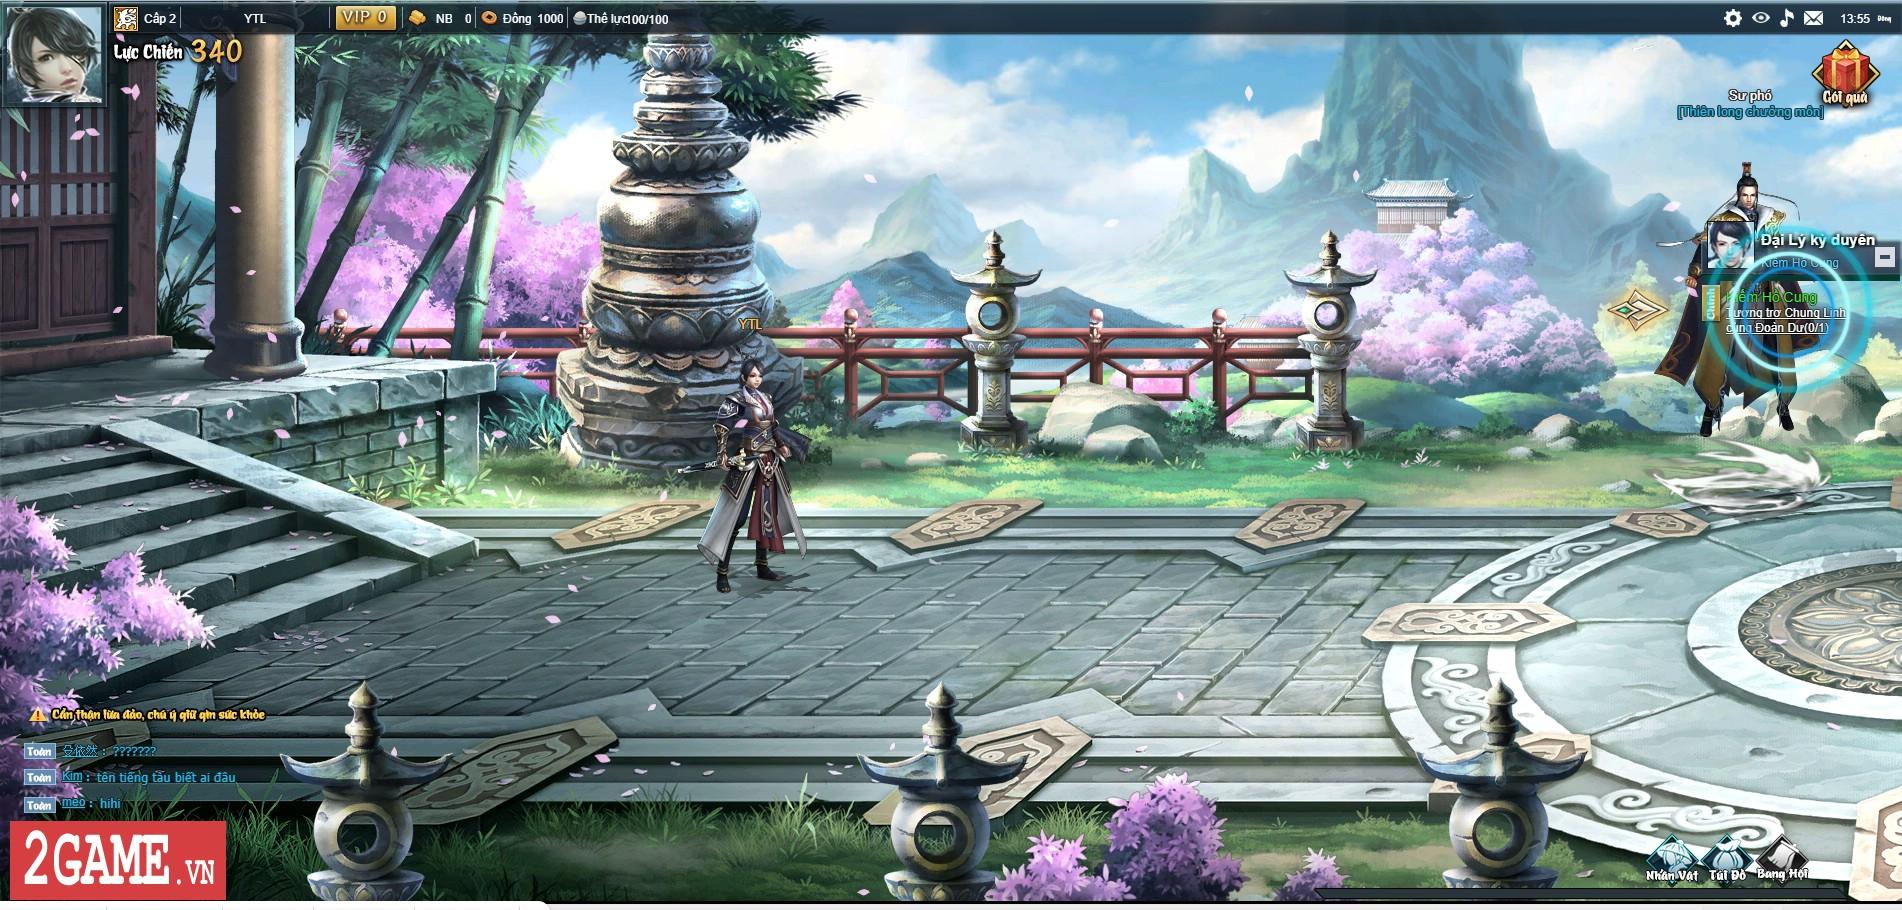 Webgame Lục Mạch Thần Kiếm tiến hành Alpha Test chớp nhoáng để kiểm tra lỗi 3